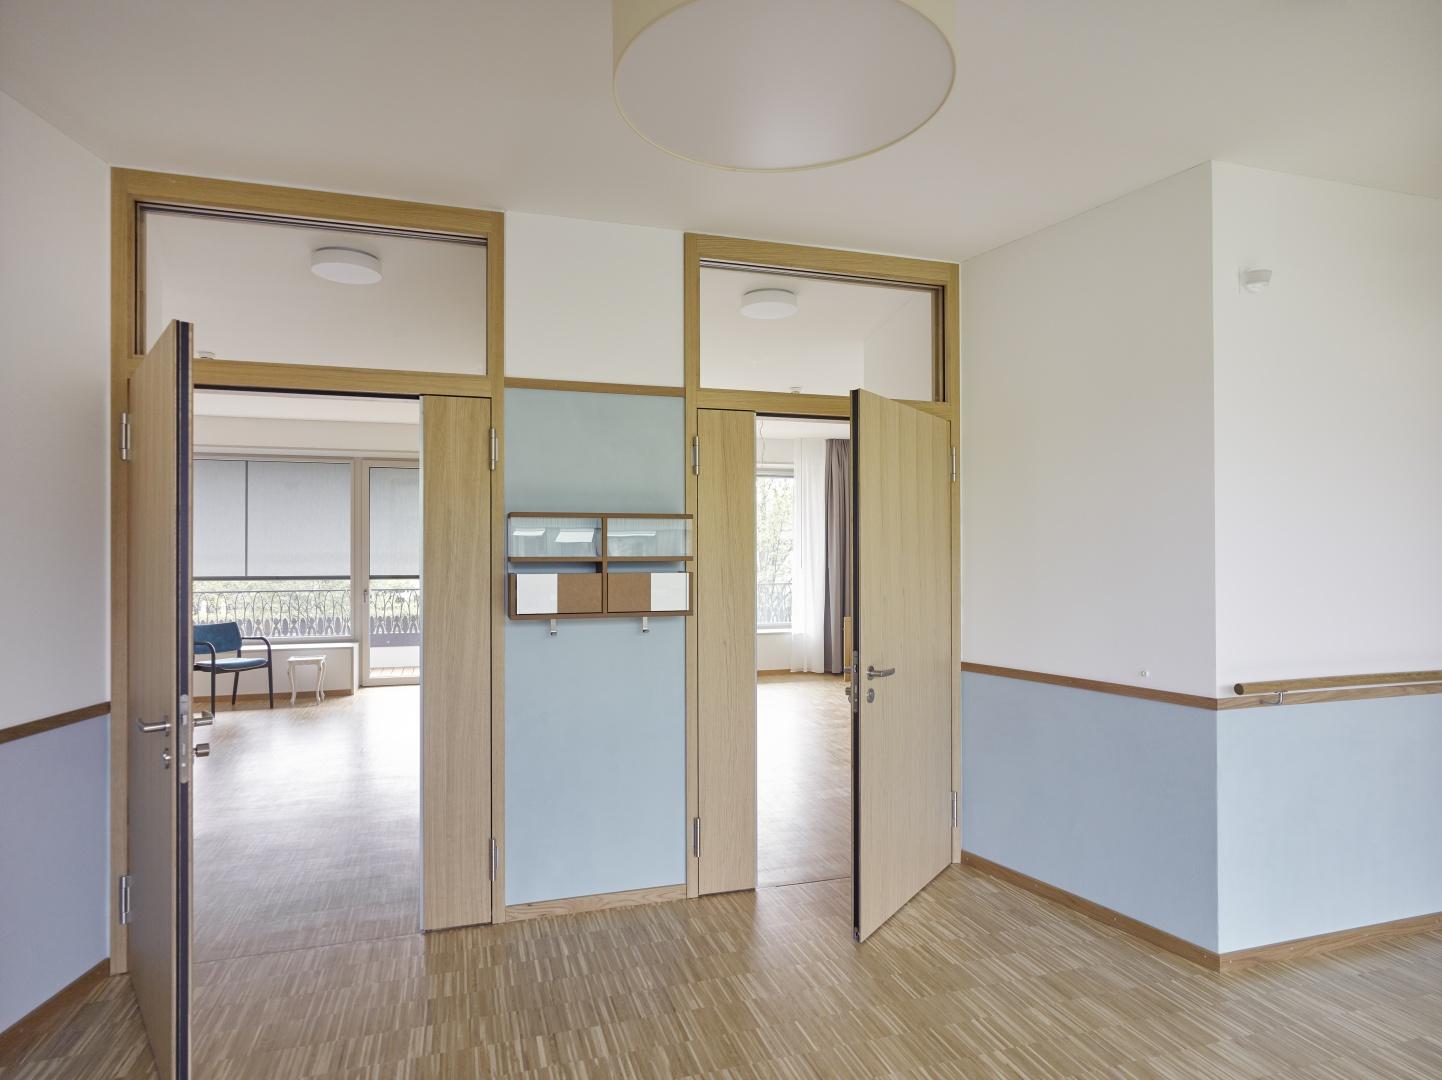 Adressierte Bewohnerzimmer © Johannes Marburg